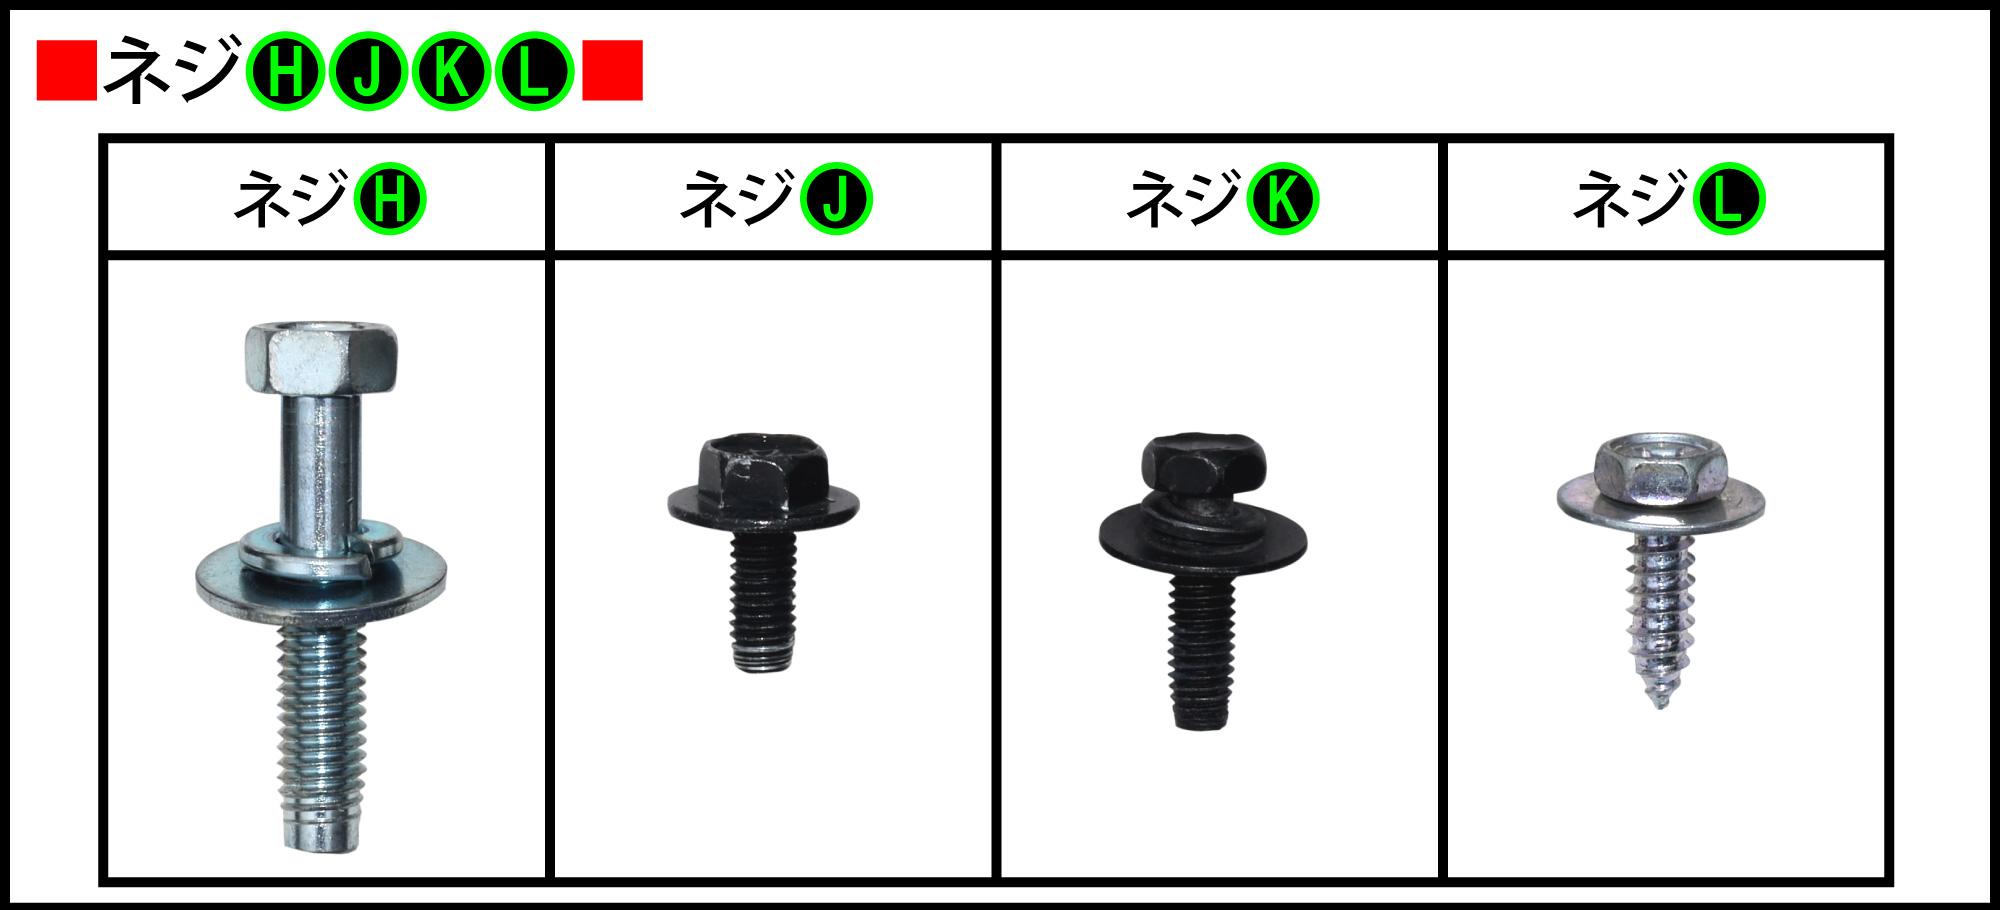 エクリプスクロス(GK1W)のホーン交換